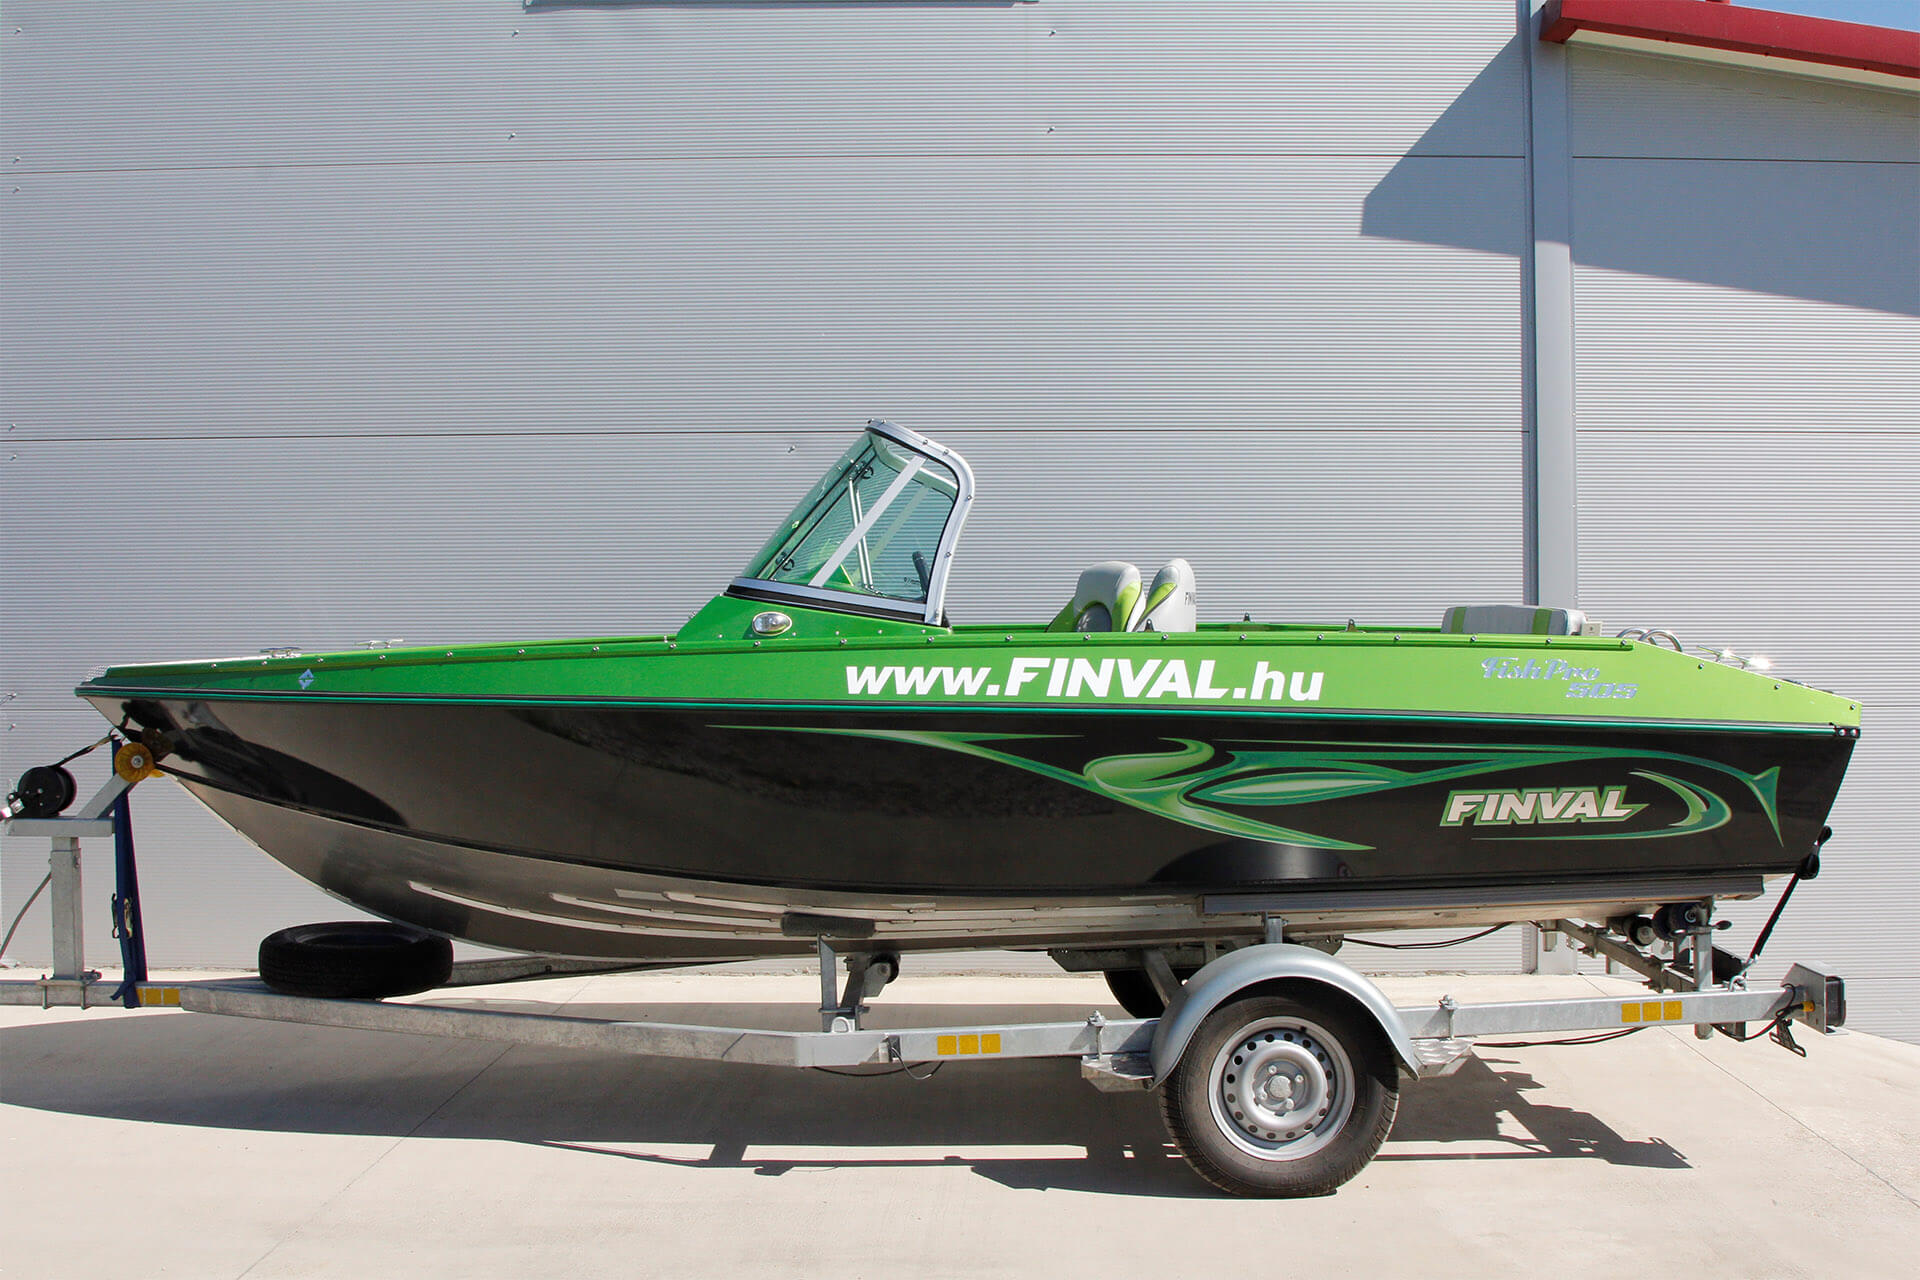 Referencia Finval FishPro 505 CB+, Mosonmagyarovar